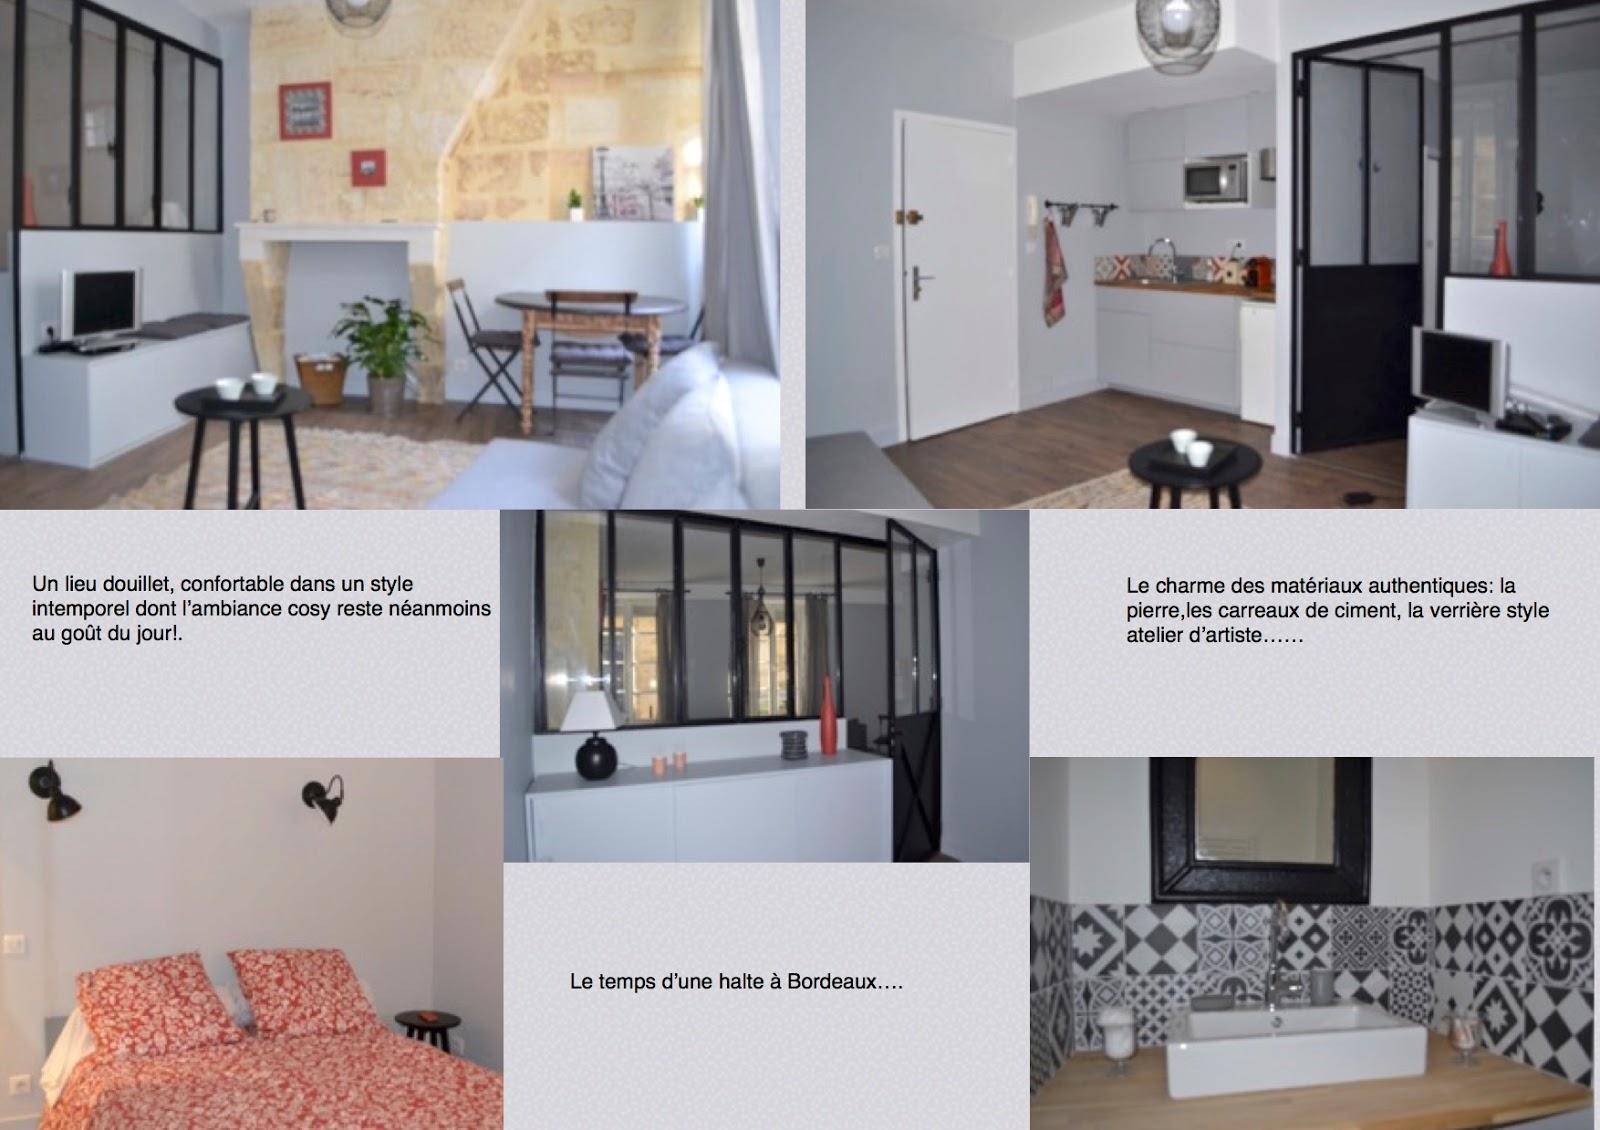 deco style atelier perfect cuisine de style loft industriel au design brut et associant le bton. Black Bedroom Furniture Sets. Home Design Ideas